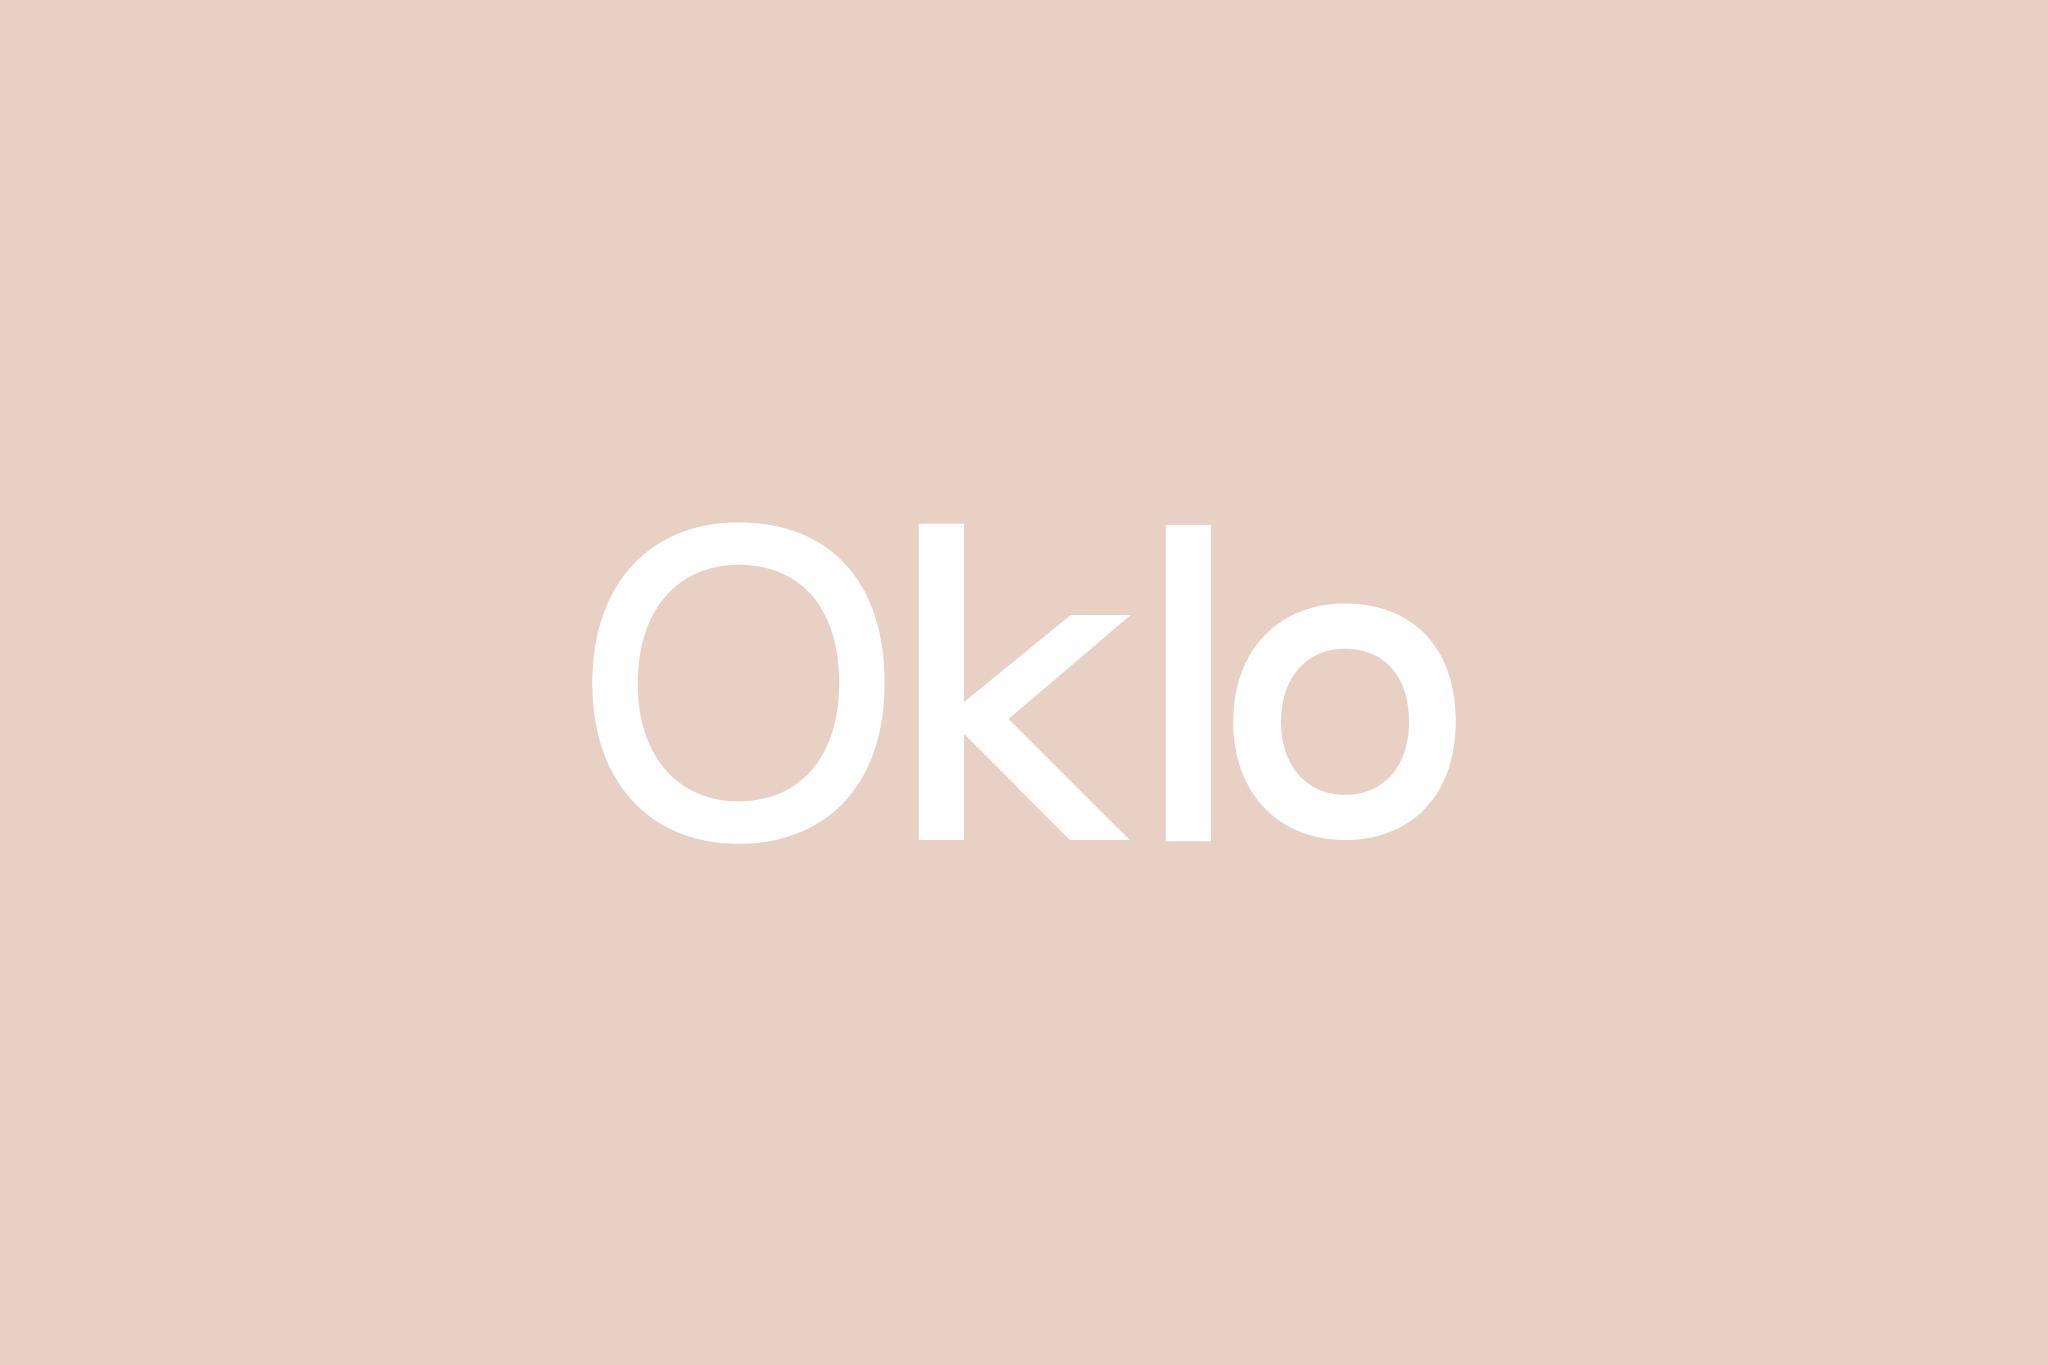 Oklo Font